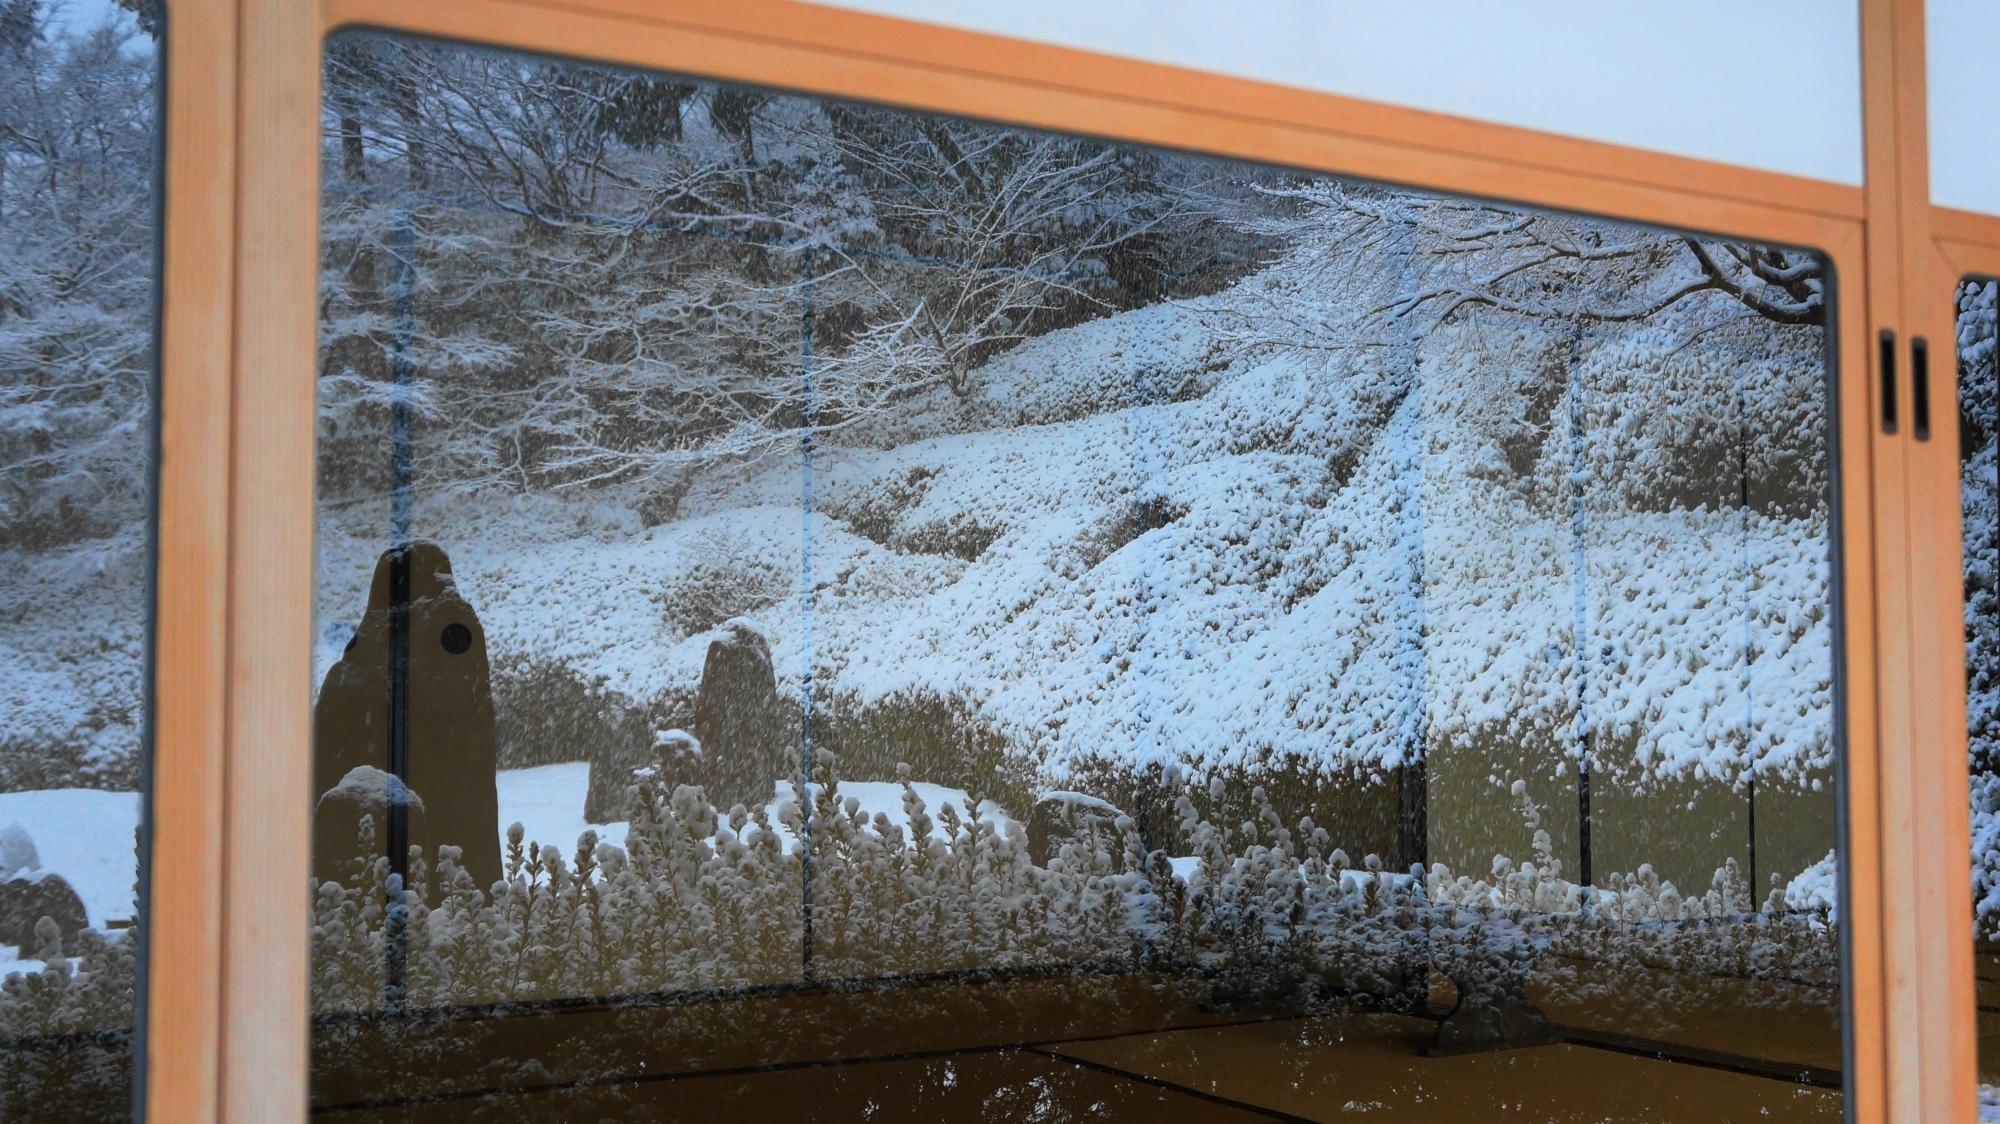 光明院のガラス戸に映る庭園の雪景色